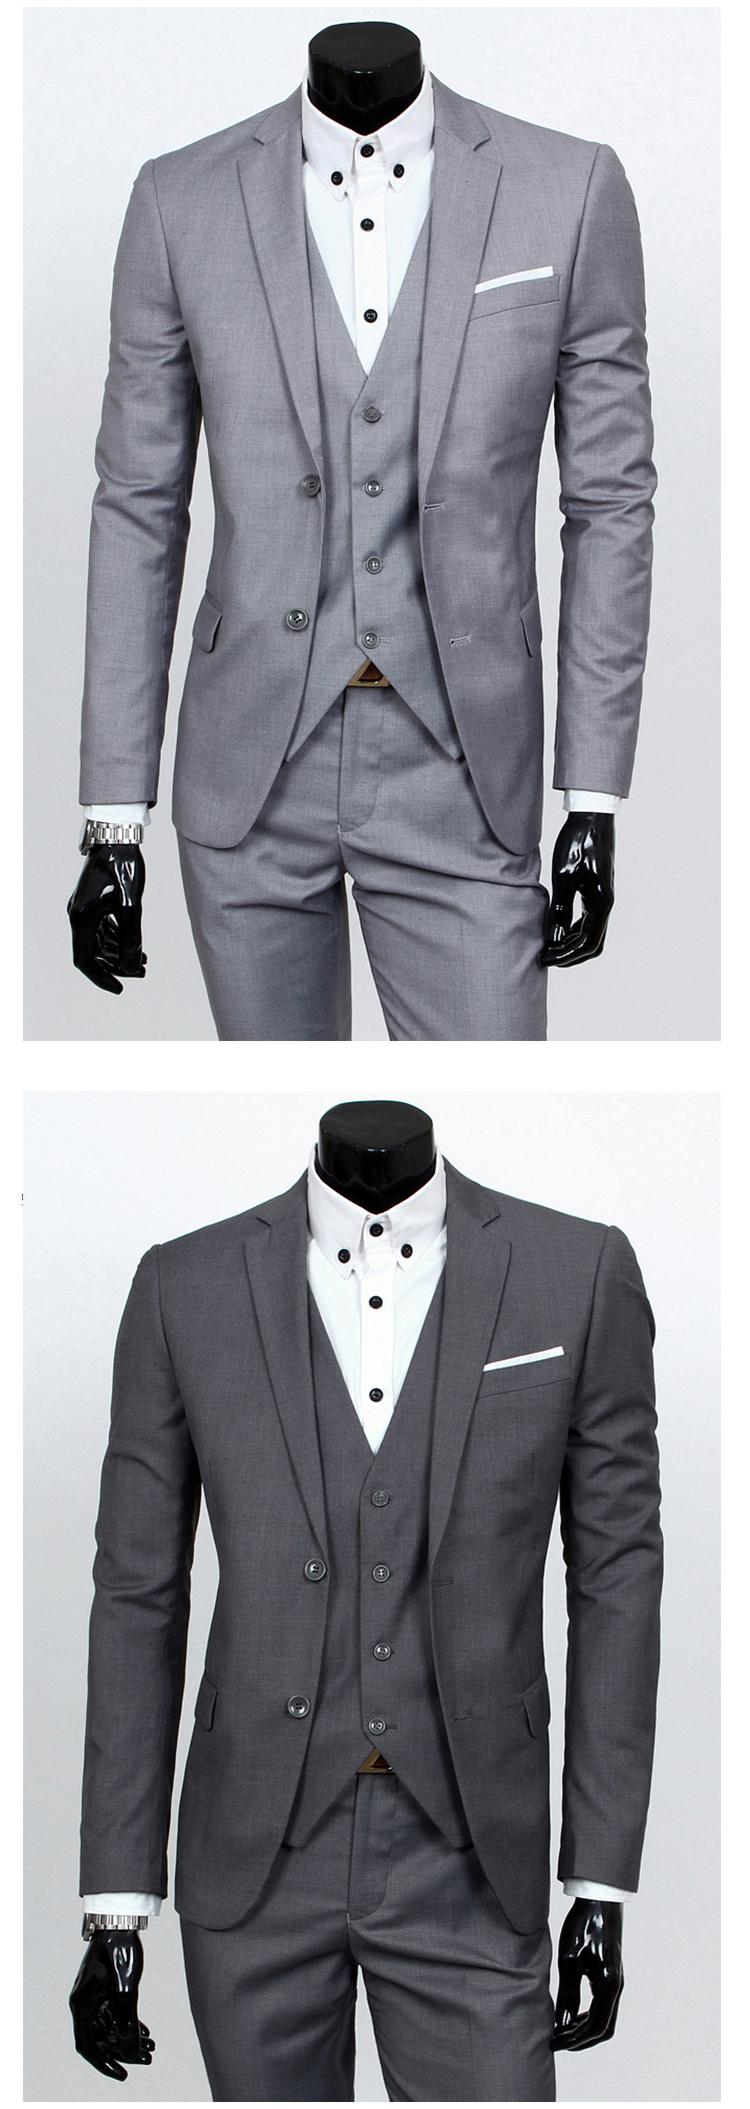 HTB127PMPpXXXXXvXpXXq6xXFXXX5 - XMY3DWX(jackets+vest+pants) fashion male quality slim high-grade cotton business BLAZER/Men groom dress suit three-piece/jackets